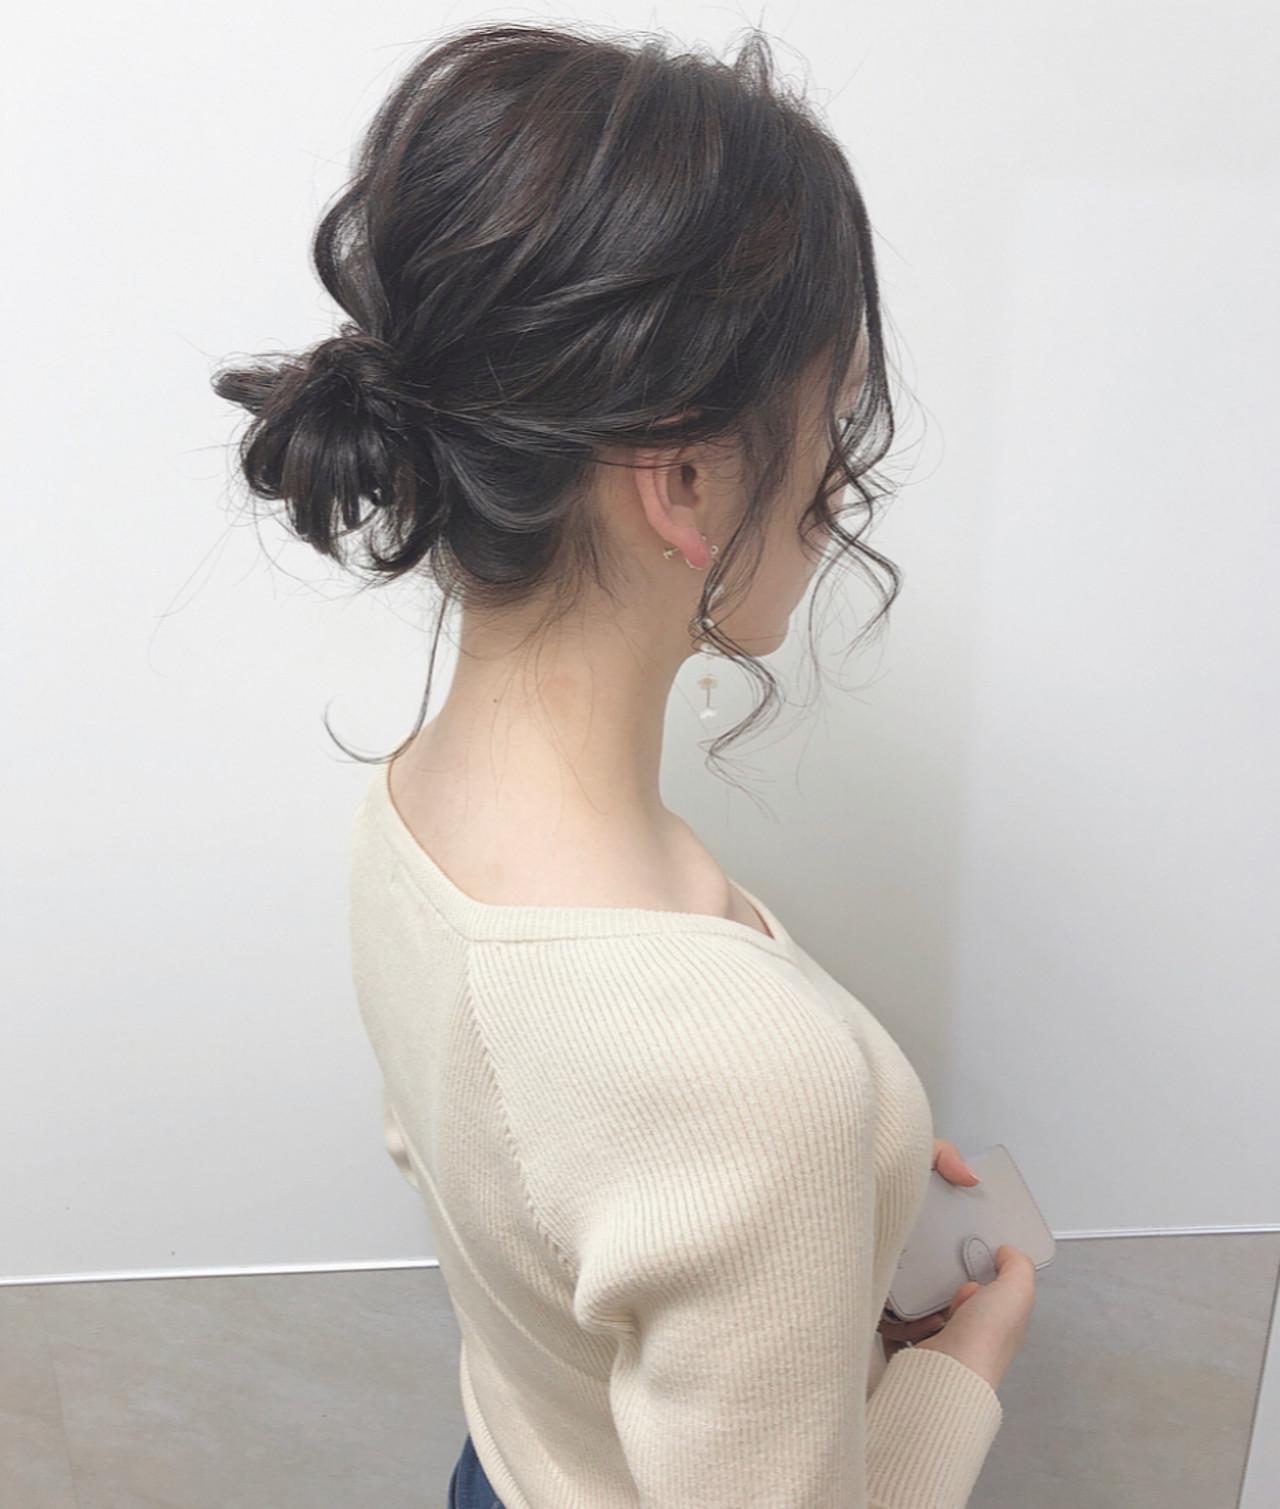 シニヨン ヘアアレンジ フェミニン ミディアム ヘアスタイルや髪型の写真・画像